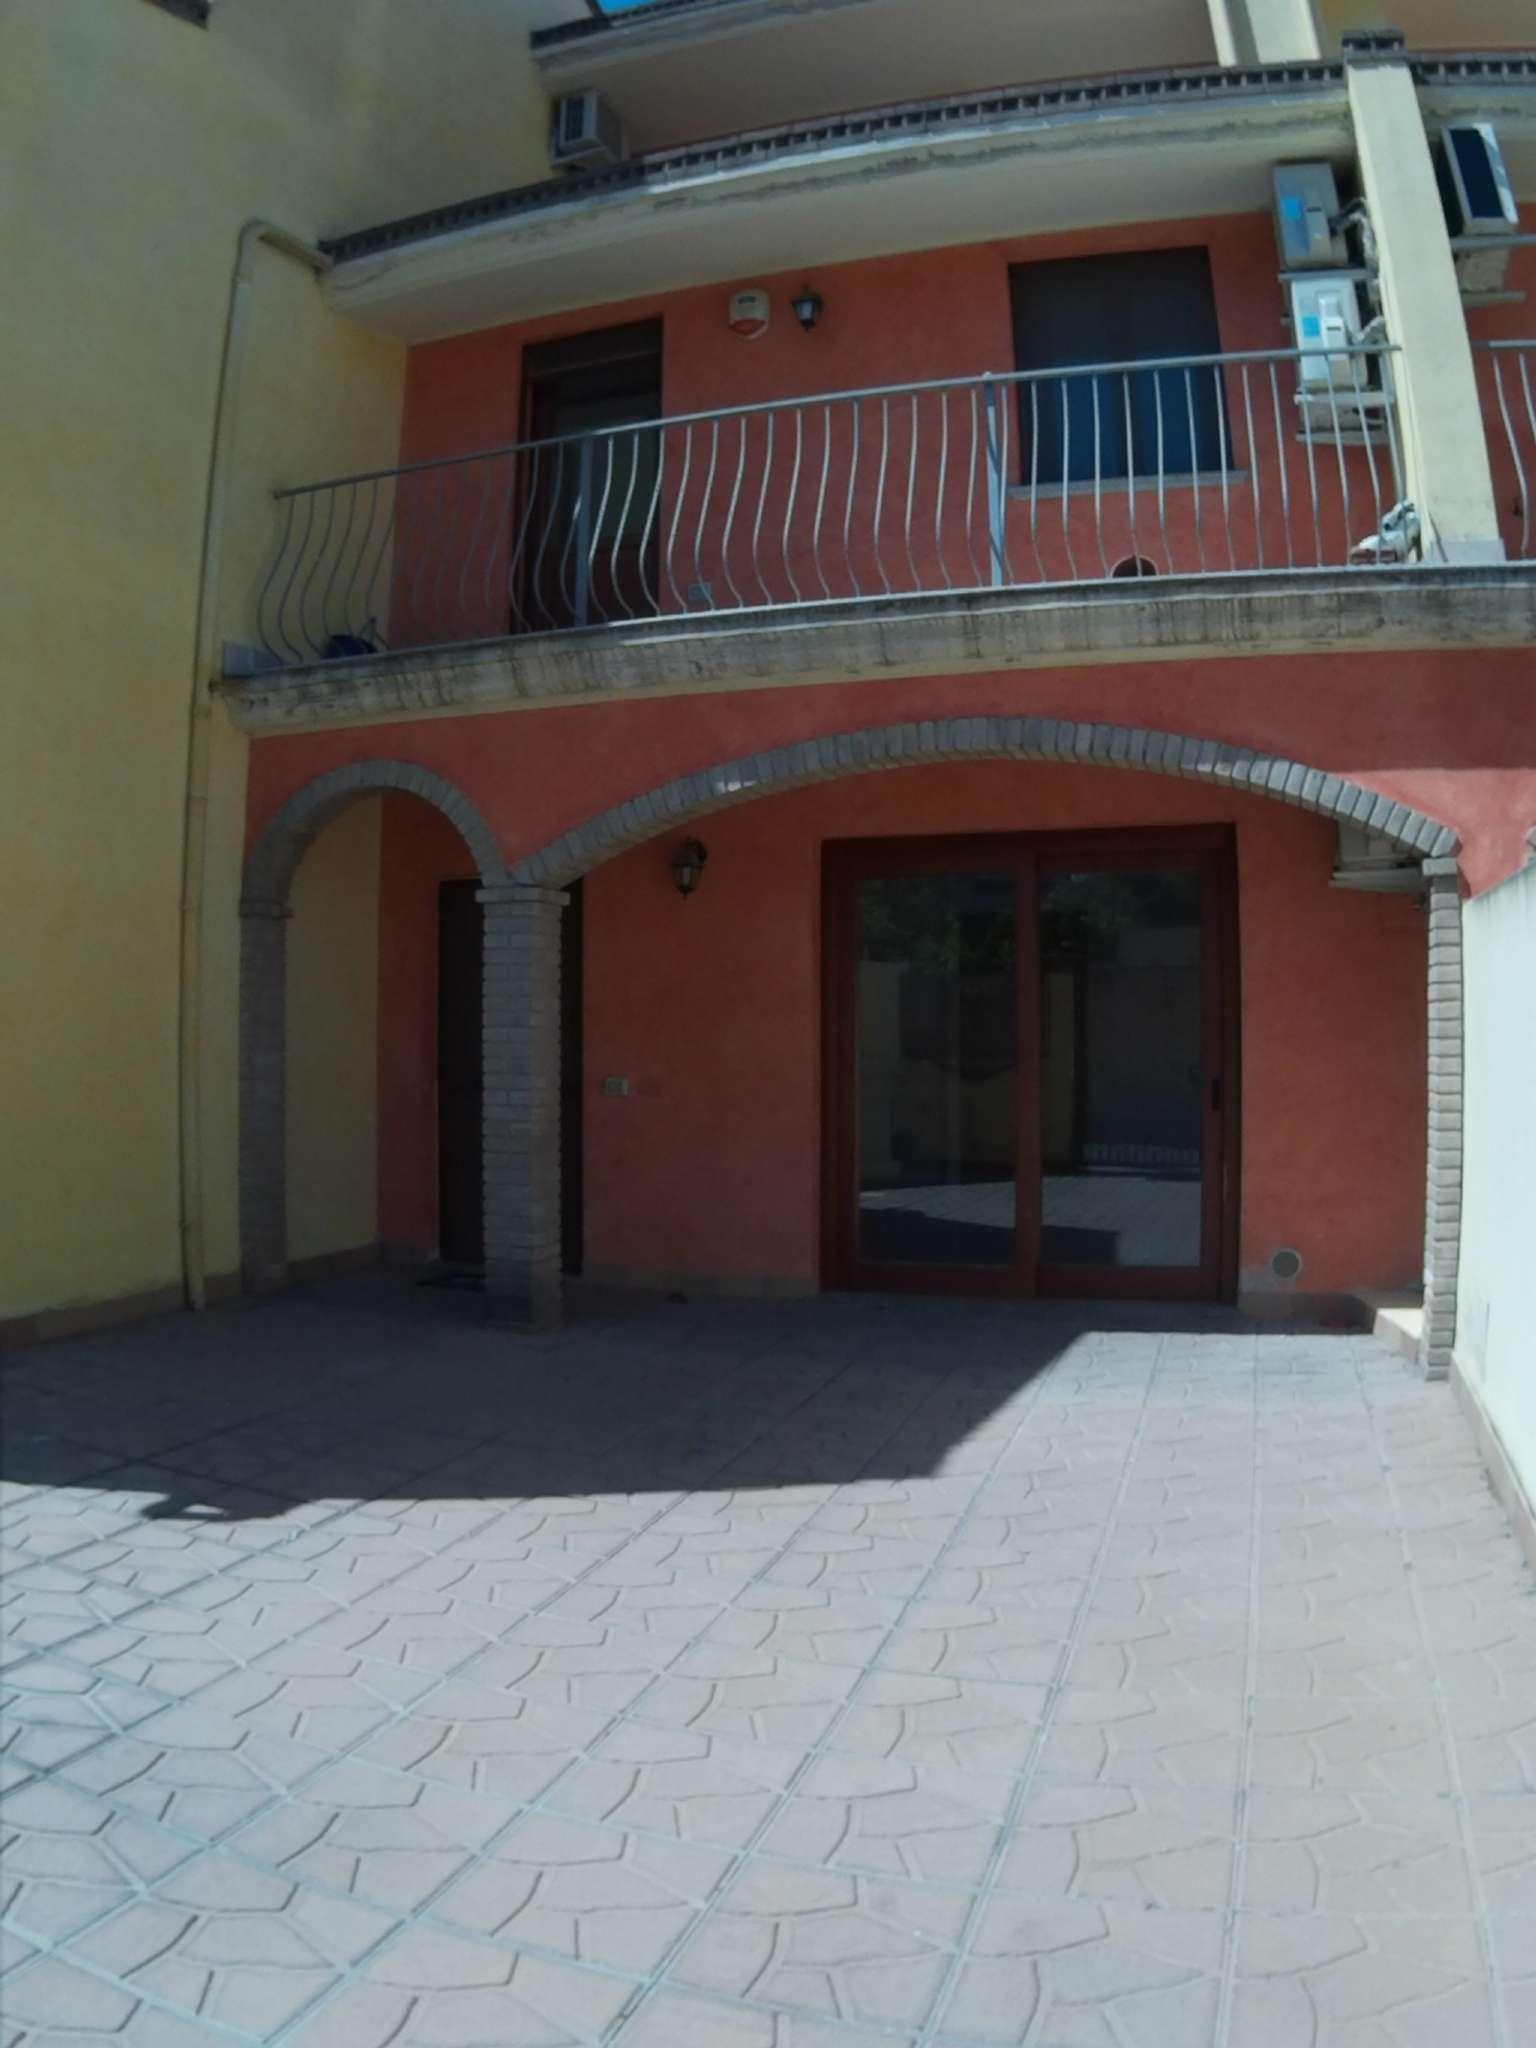 Villa a Schiera in vendita a Serdiana, 4 locali, prezzo € 125.000 | Cambio Casa.it